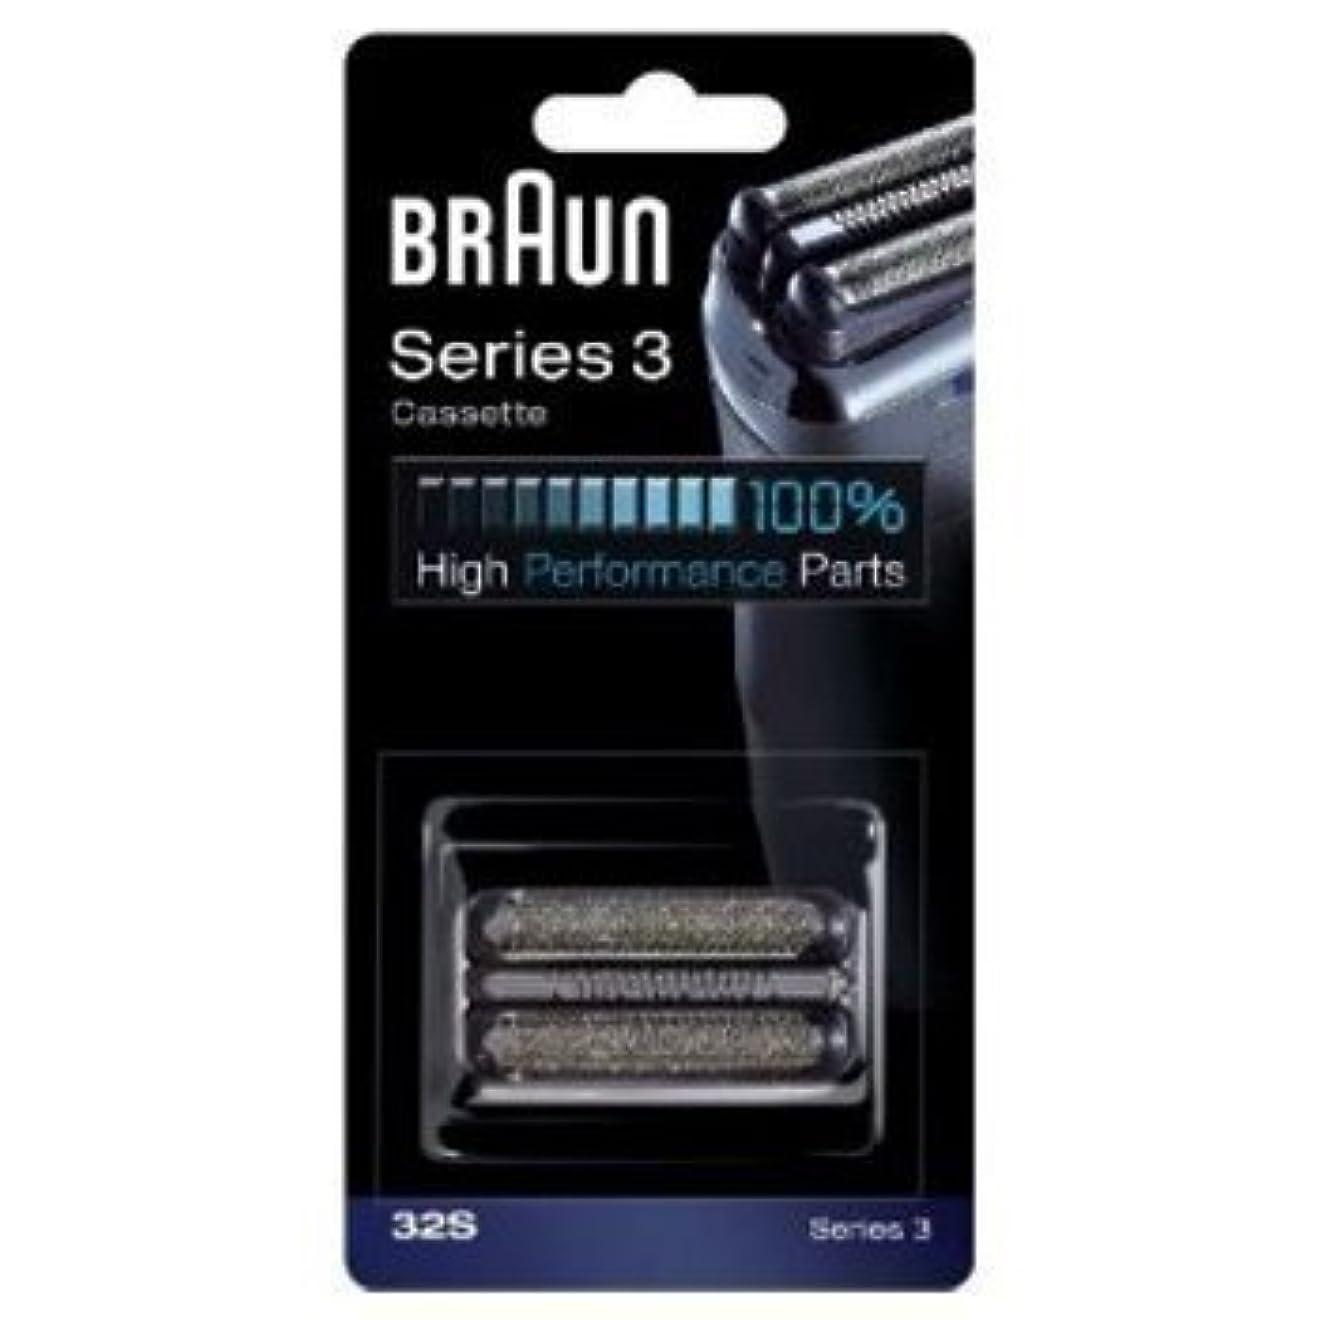 無駄相対性理論農夫Braun 32S Shaver Head Replacement Foil & Cutter Cassette Series 3 (Silver) by Braun [並行輸入品]